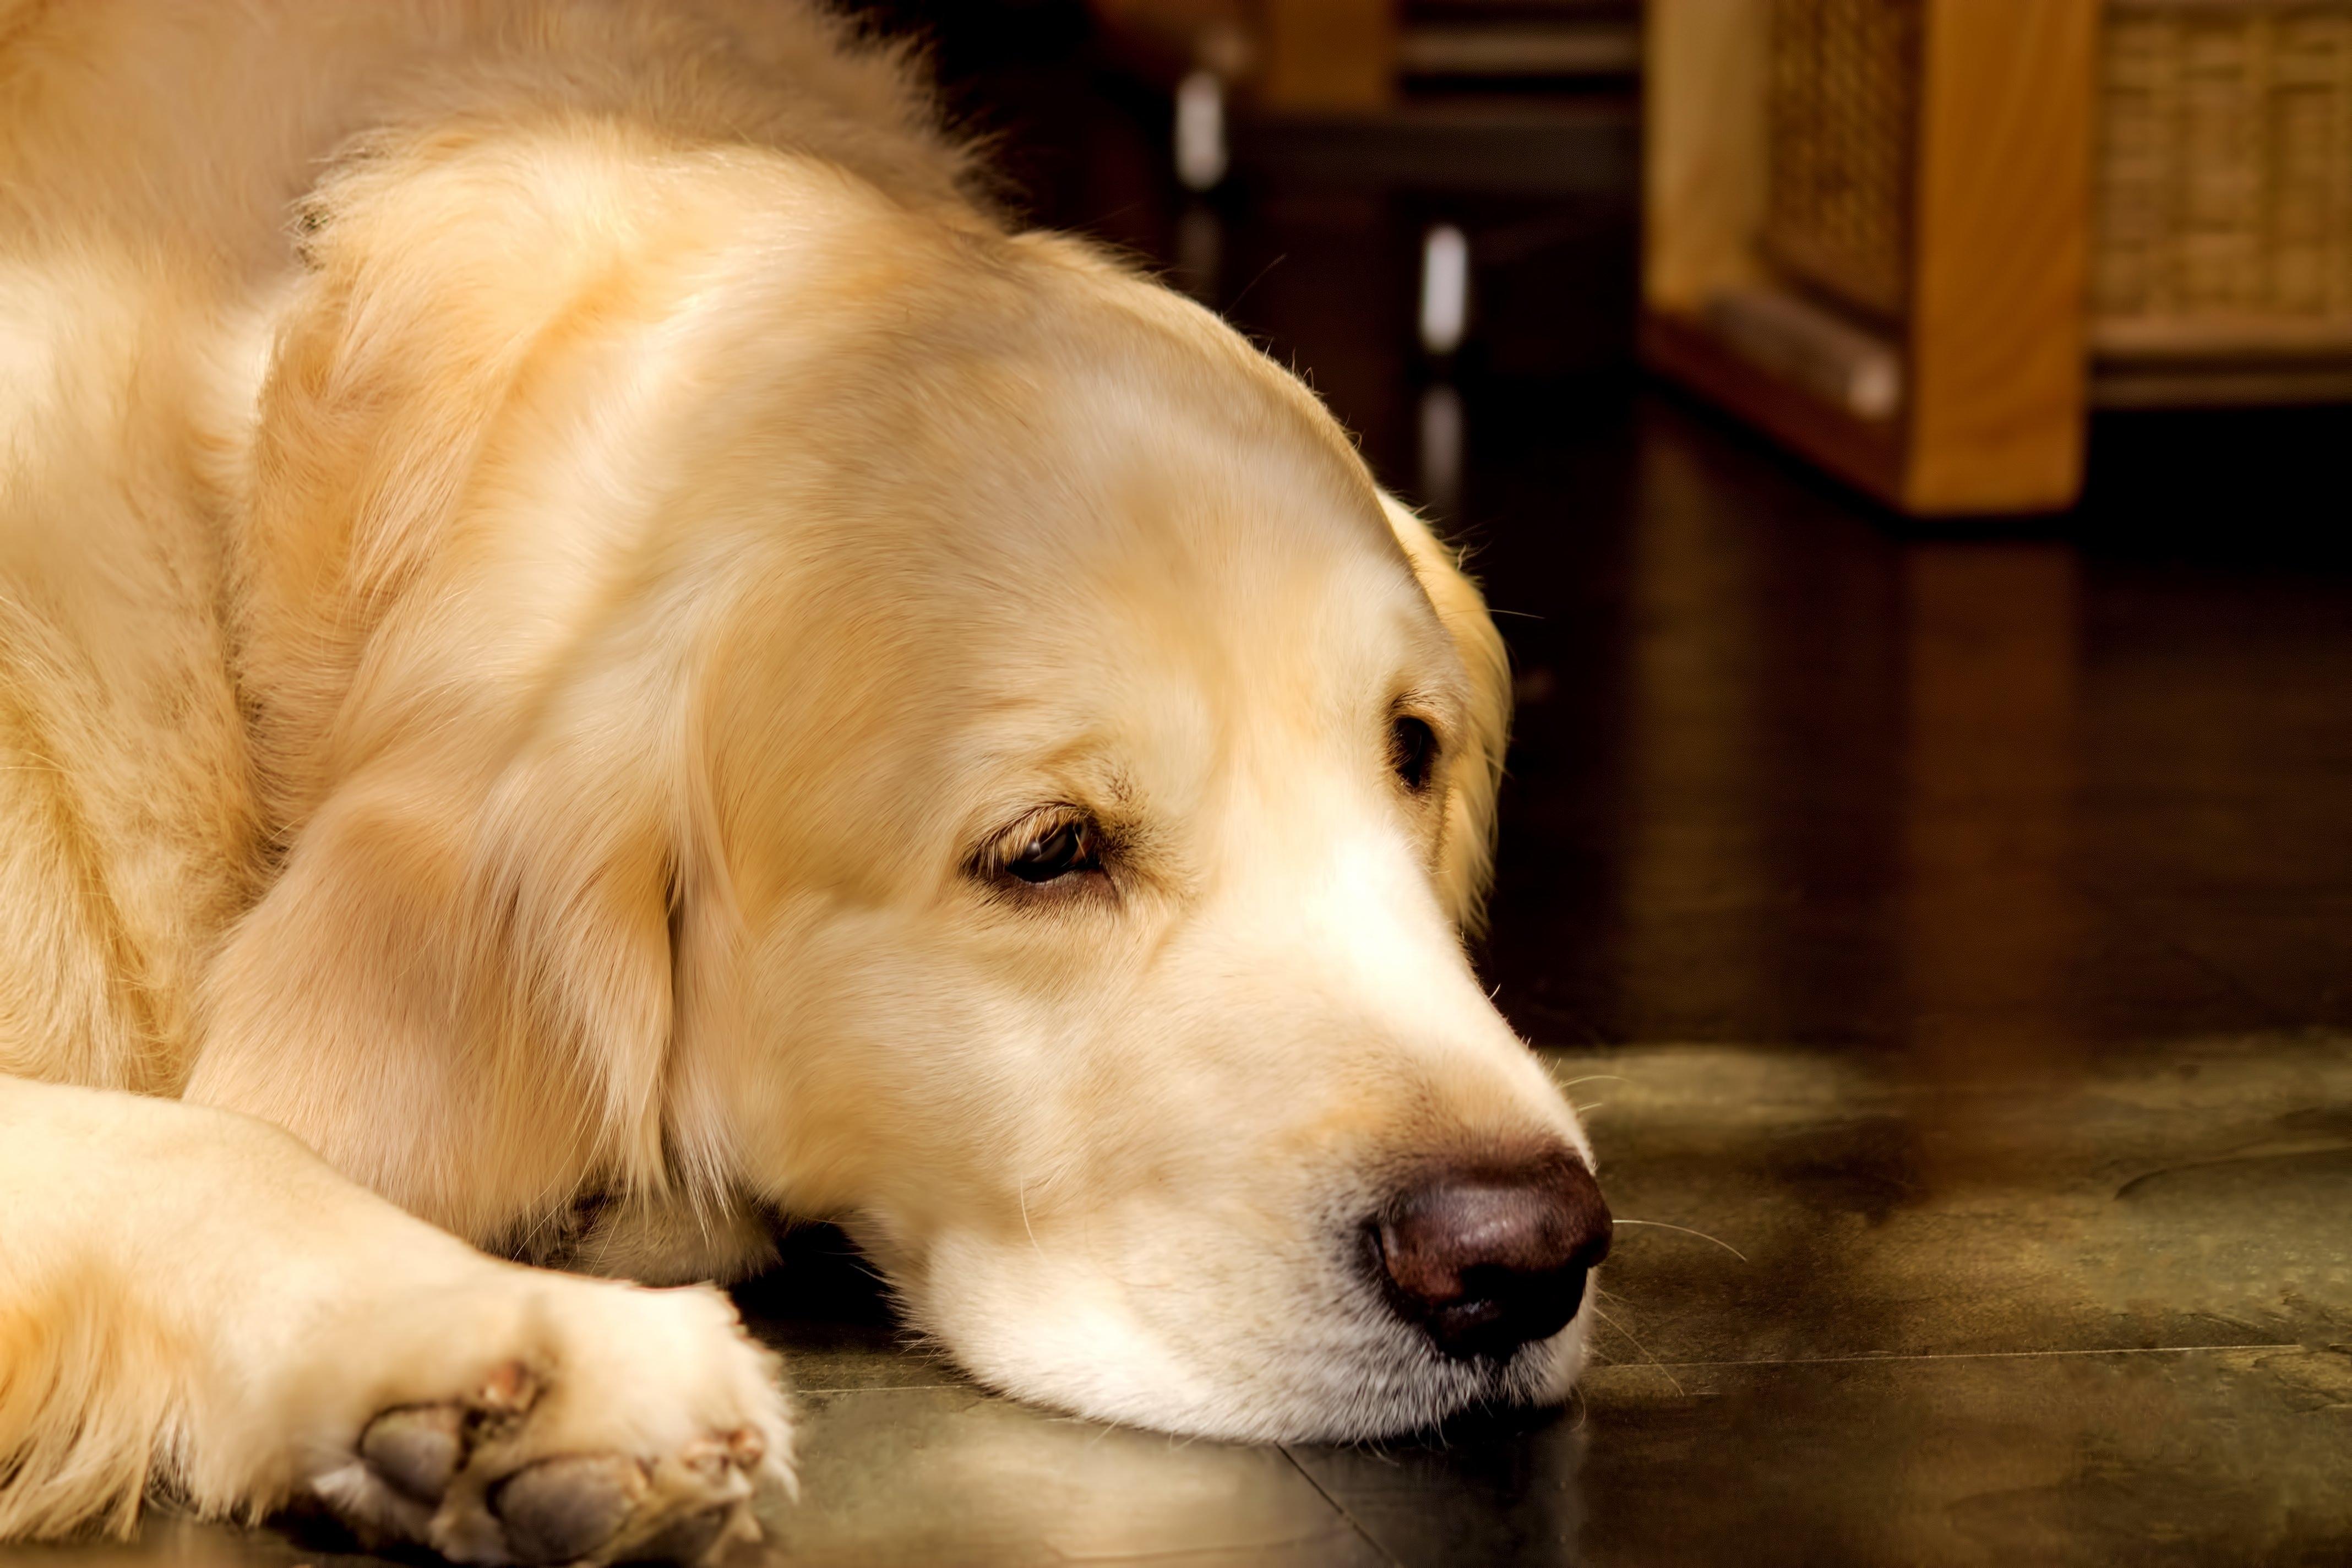 命の危険あり!?犬伝染性肝炎とは?治療から予防まで解説